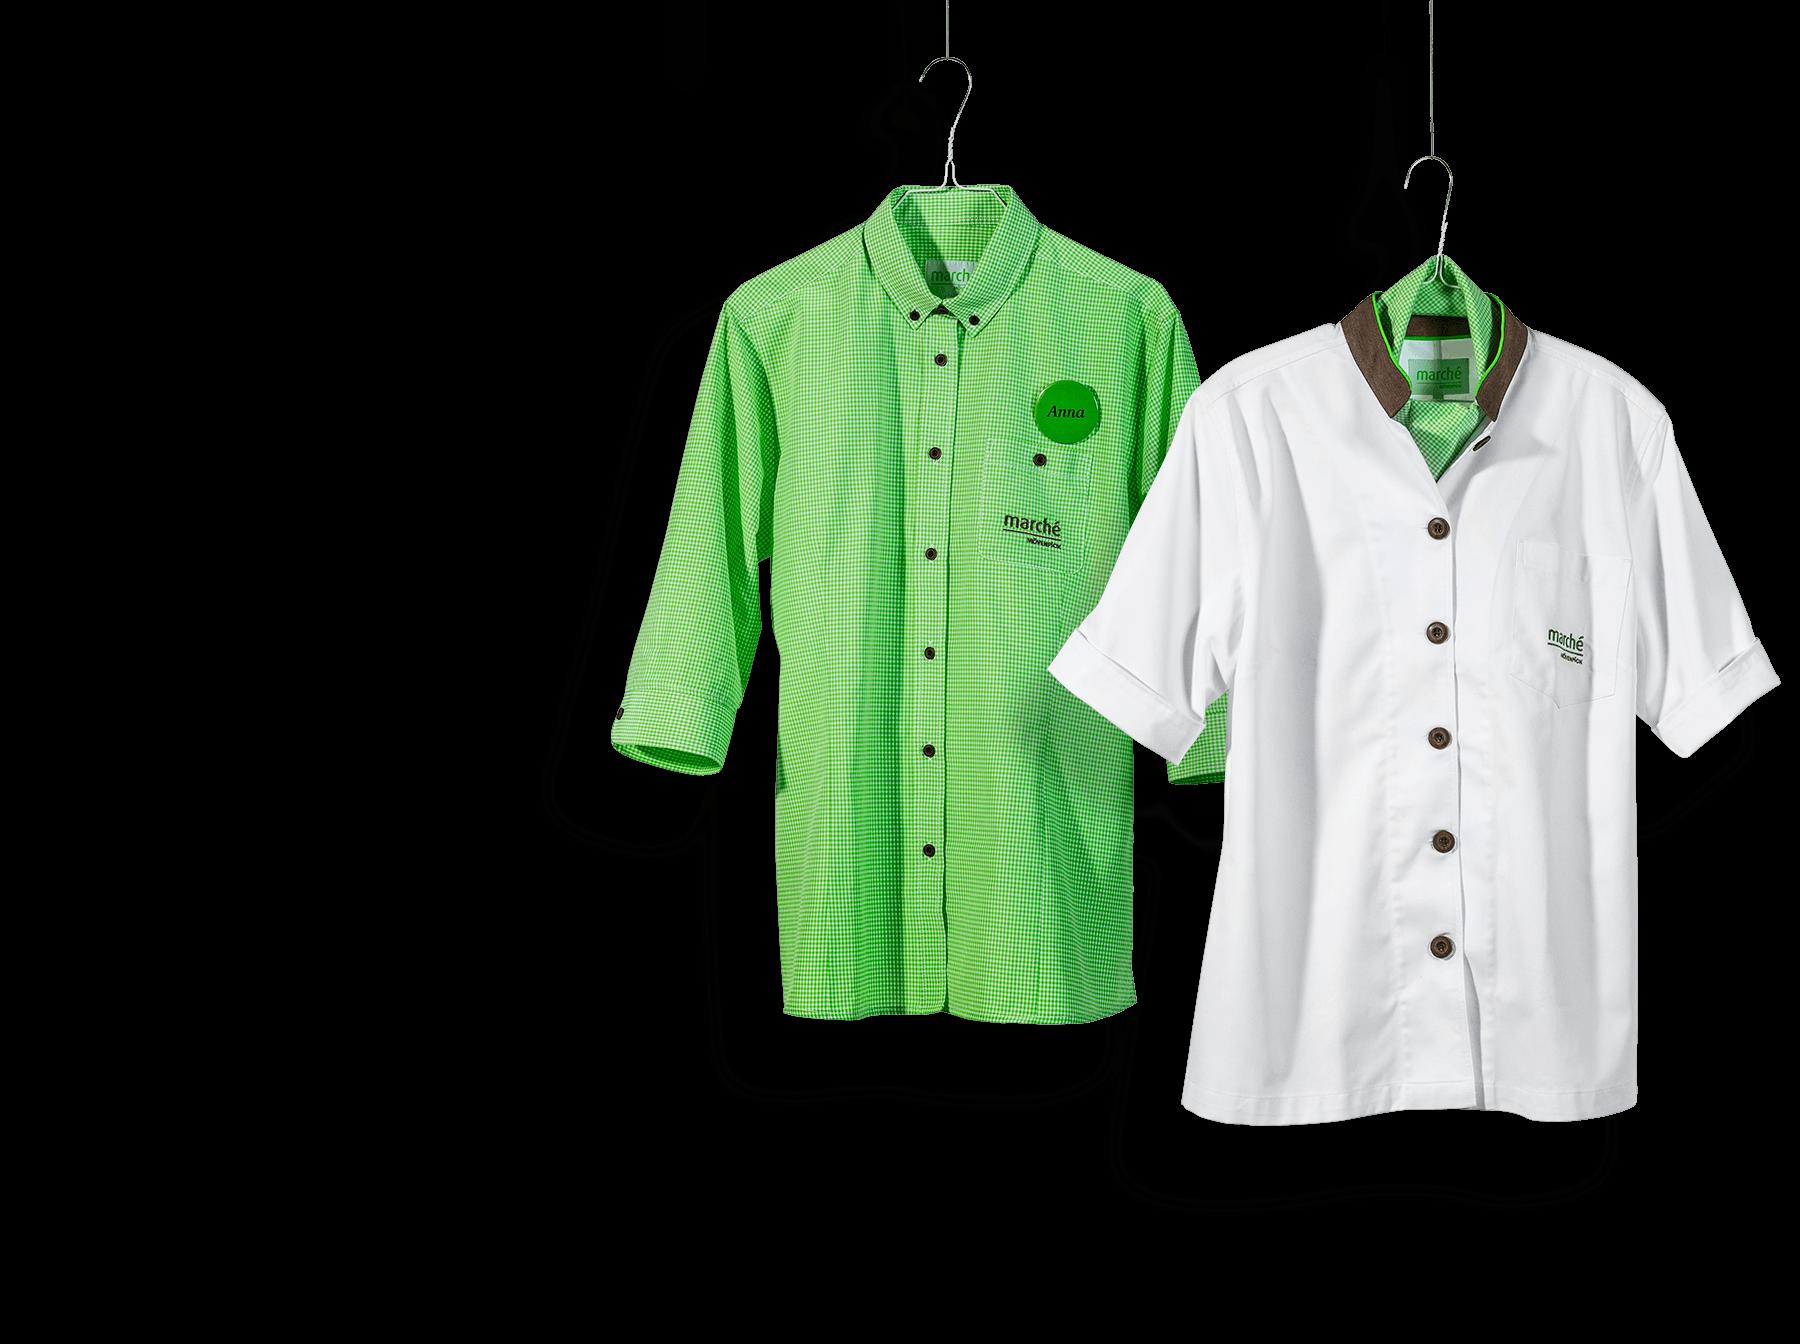 Marche Berufsbekleidung in grün und weiß